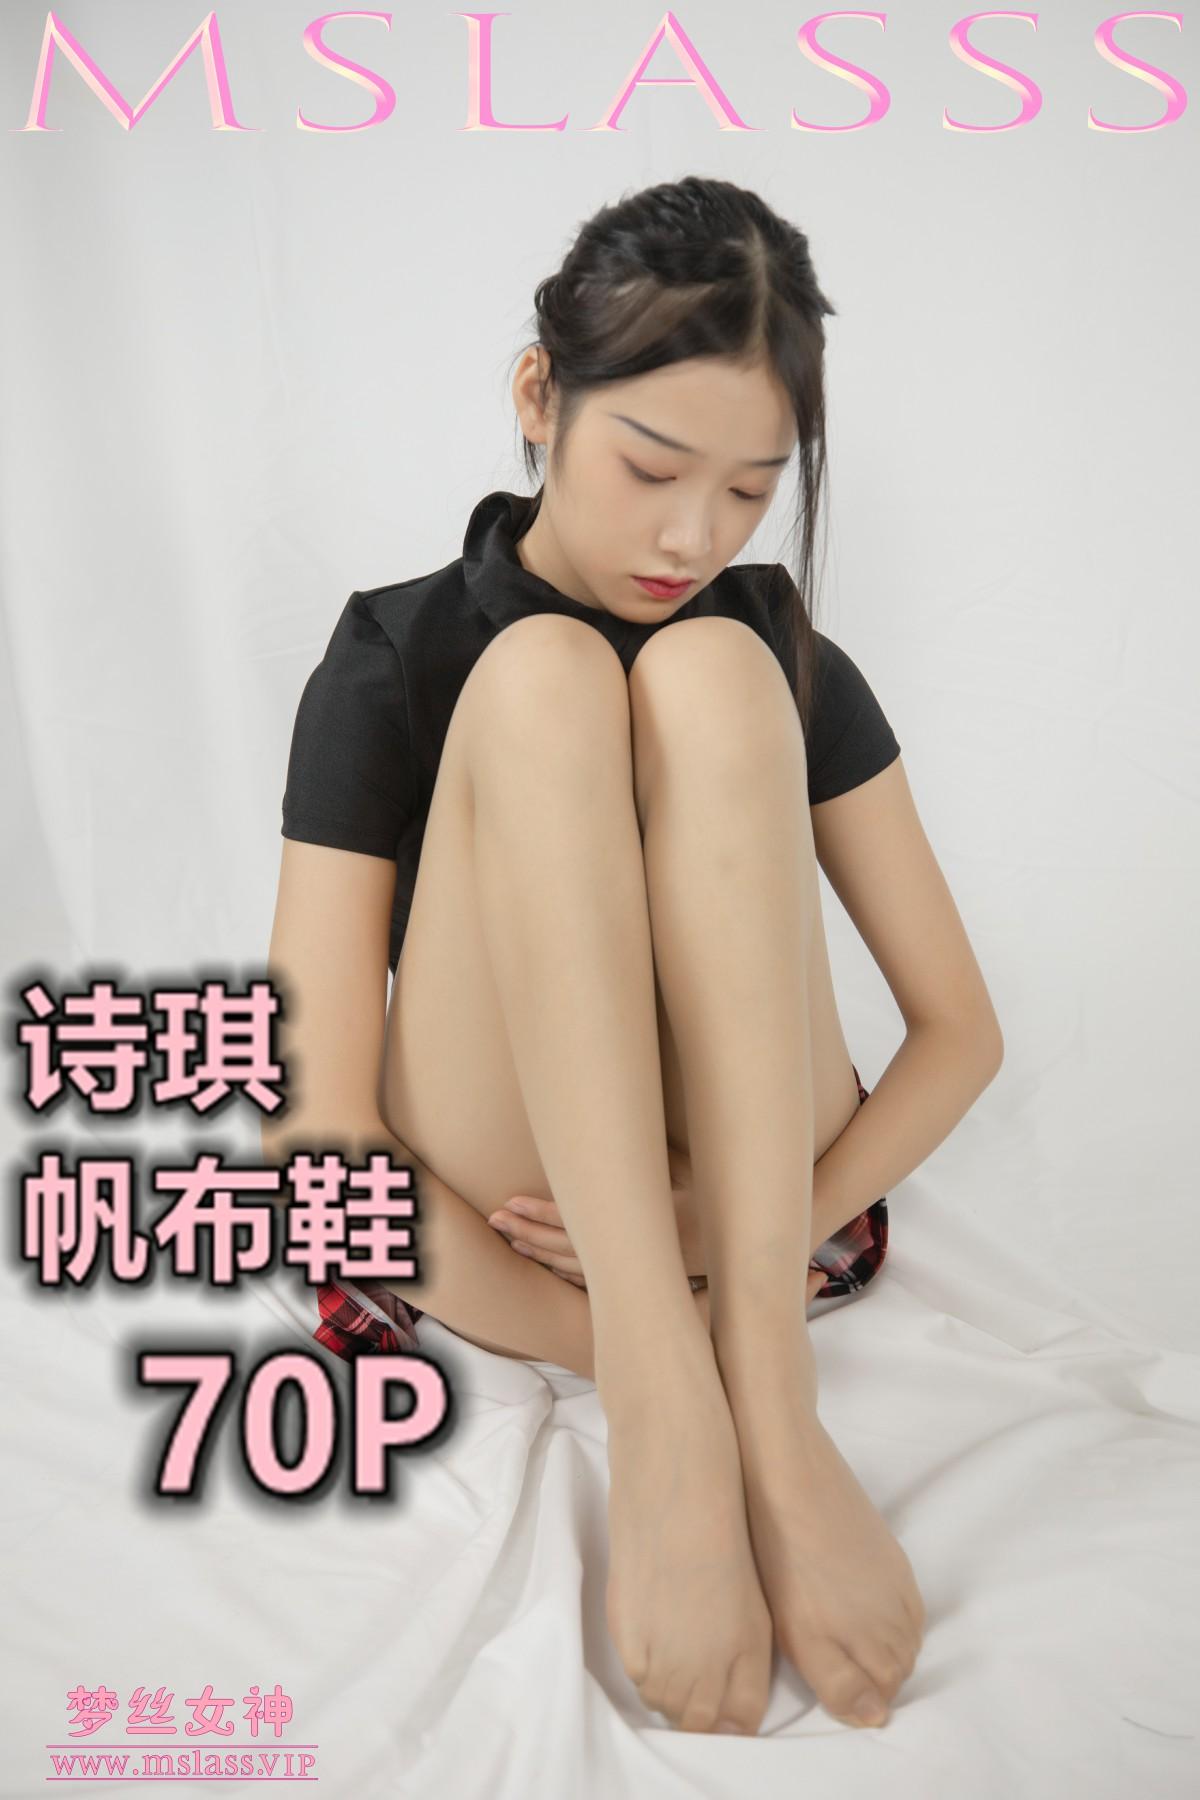 [MSLASS梦丝女神] 2020.10.03 NO.130 诗琪《帆布鞋》